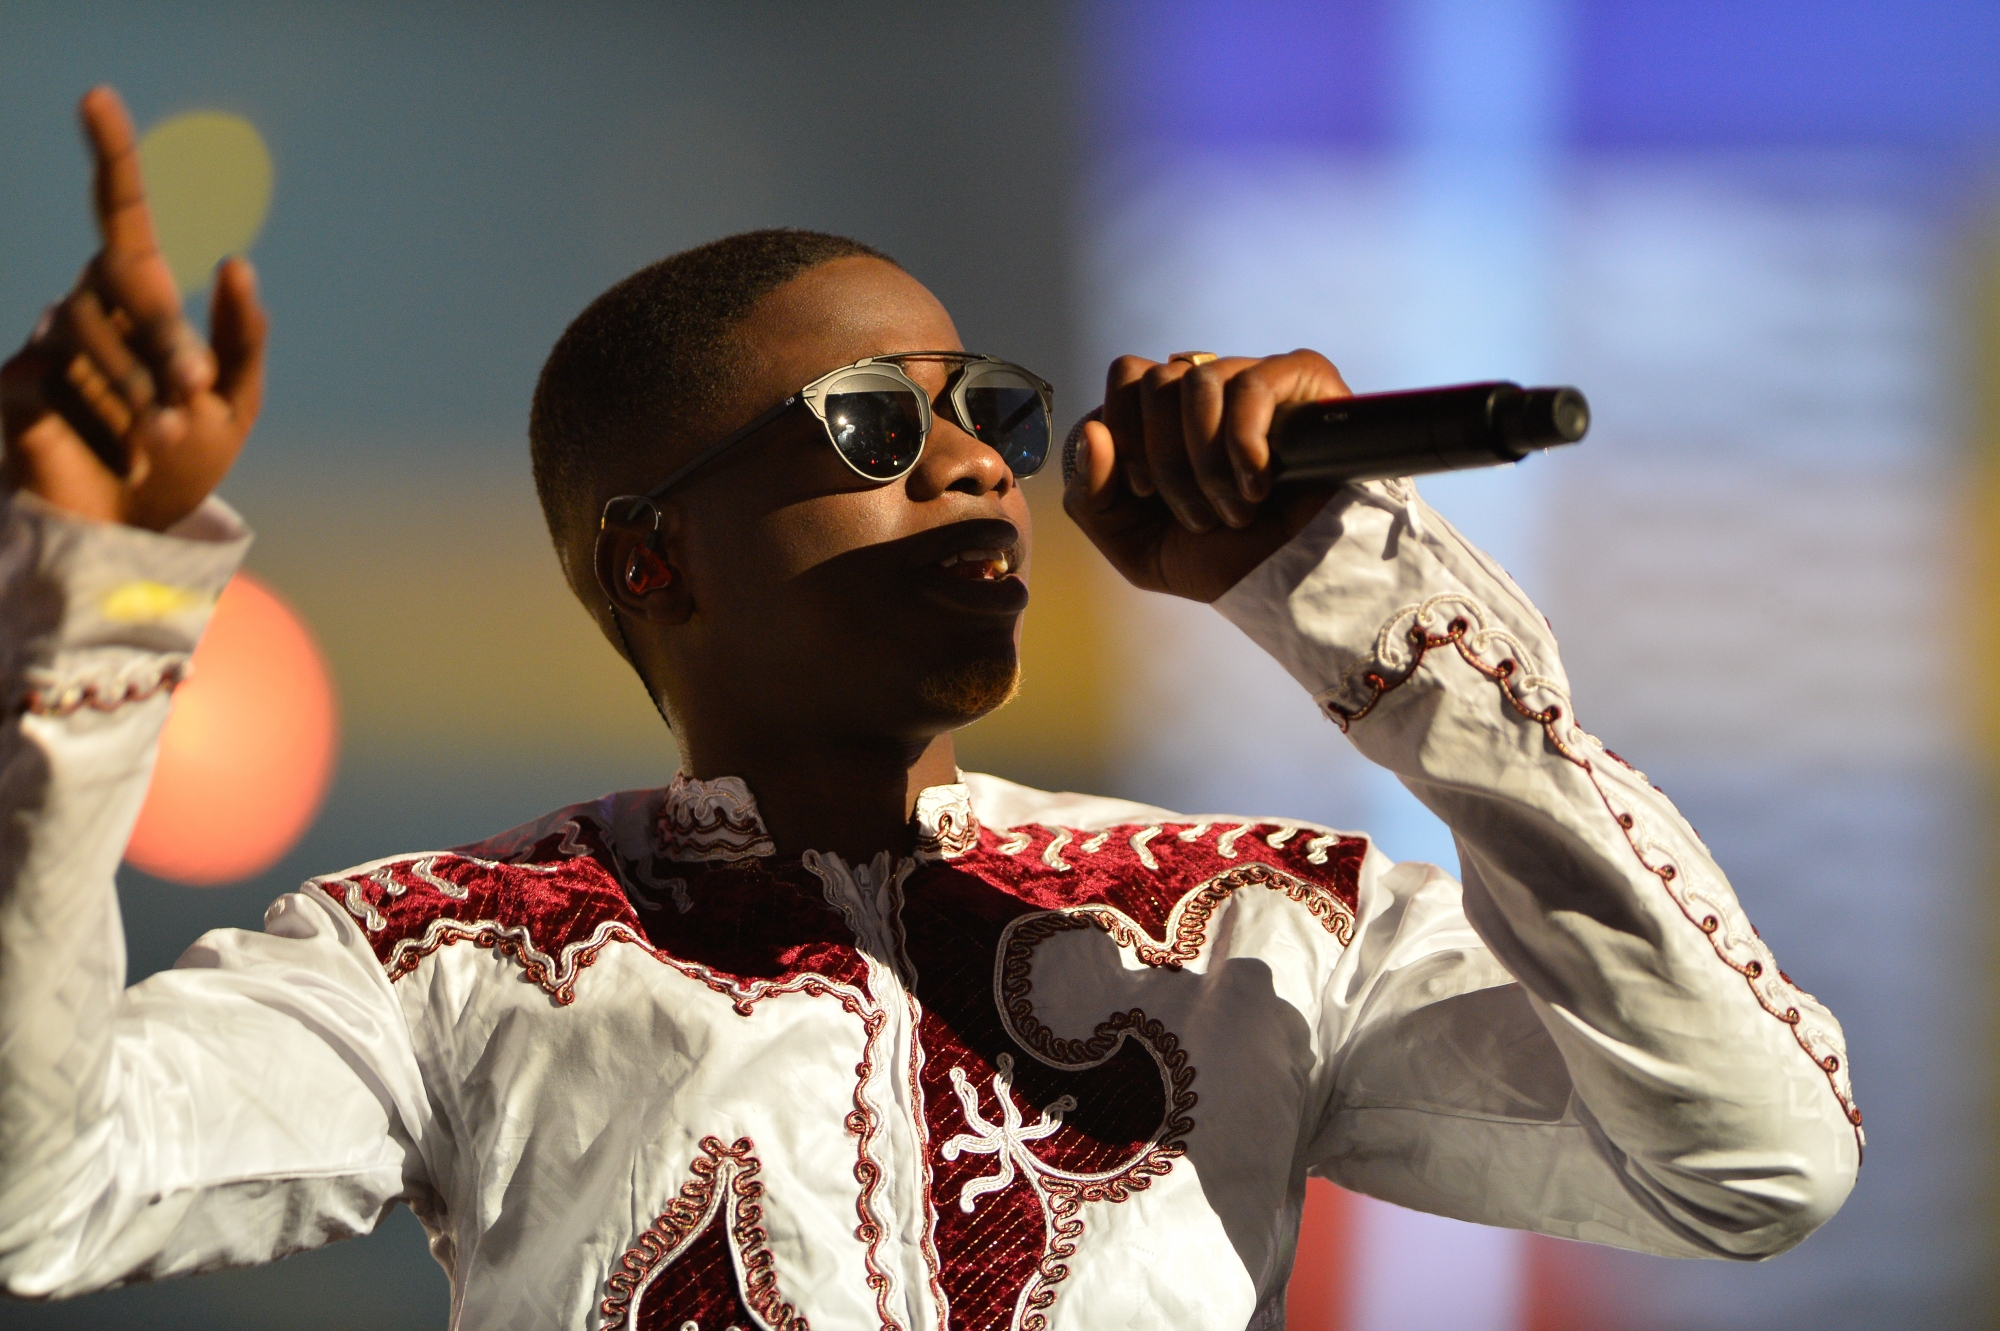 Le rappeur franco-guinéen MHD veut arrêter la musique